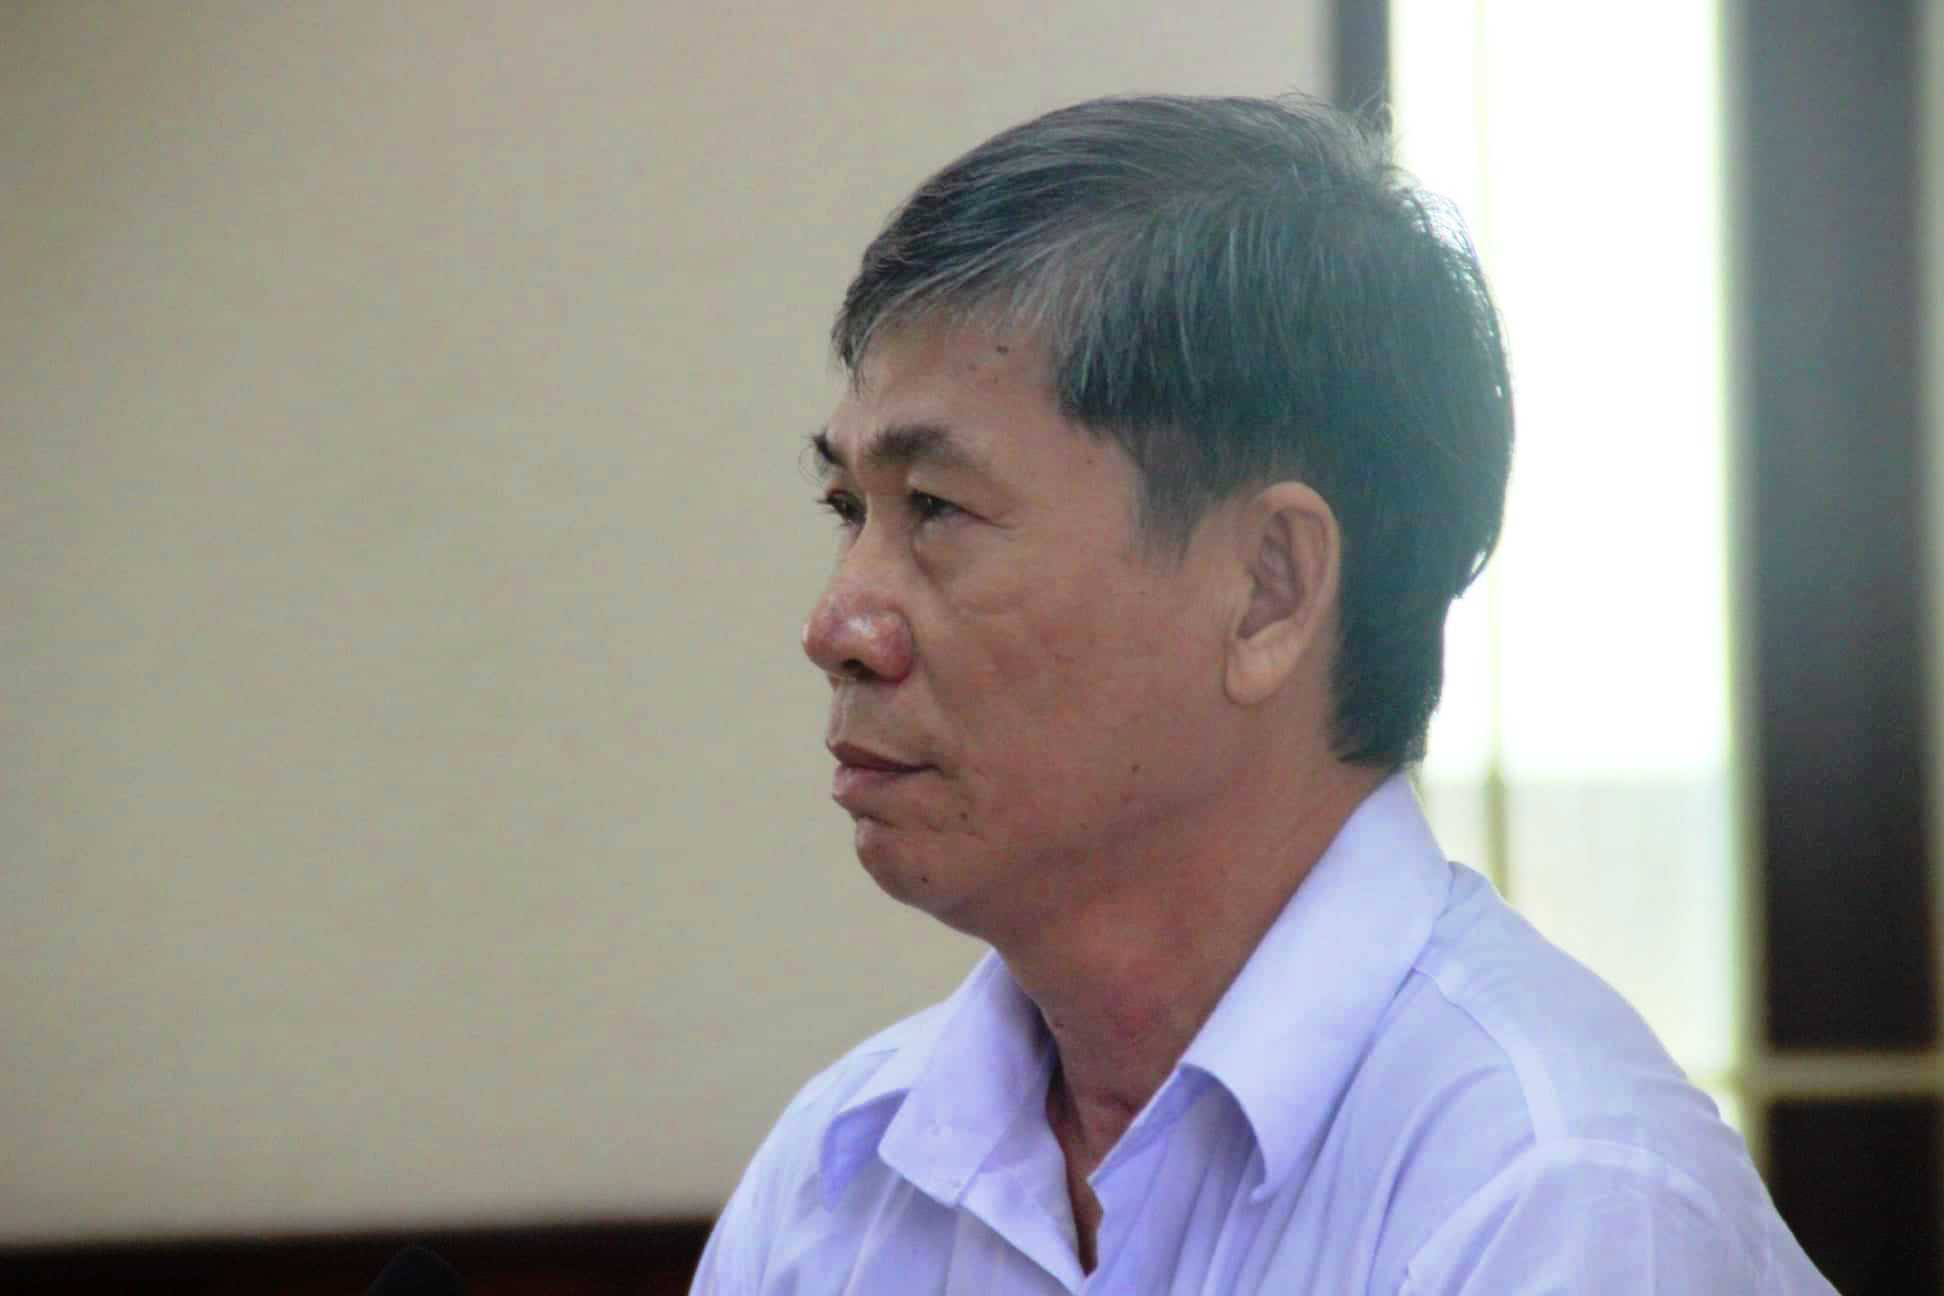 Bình Định: 5 vụ án tham nhũng khiến cán bộ mất chức, buộc phải hầu tòa - Ảnh 2.